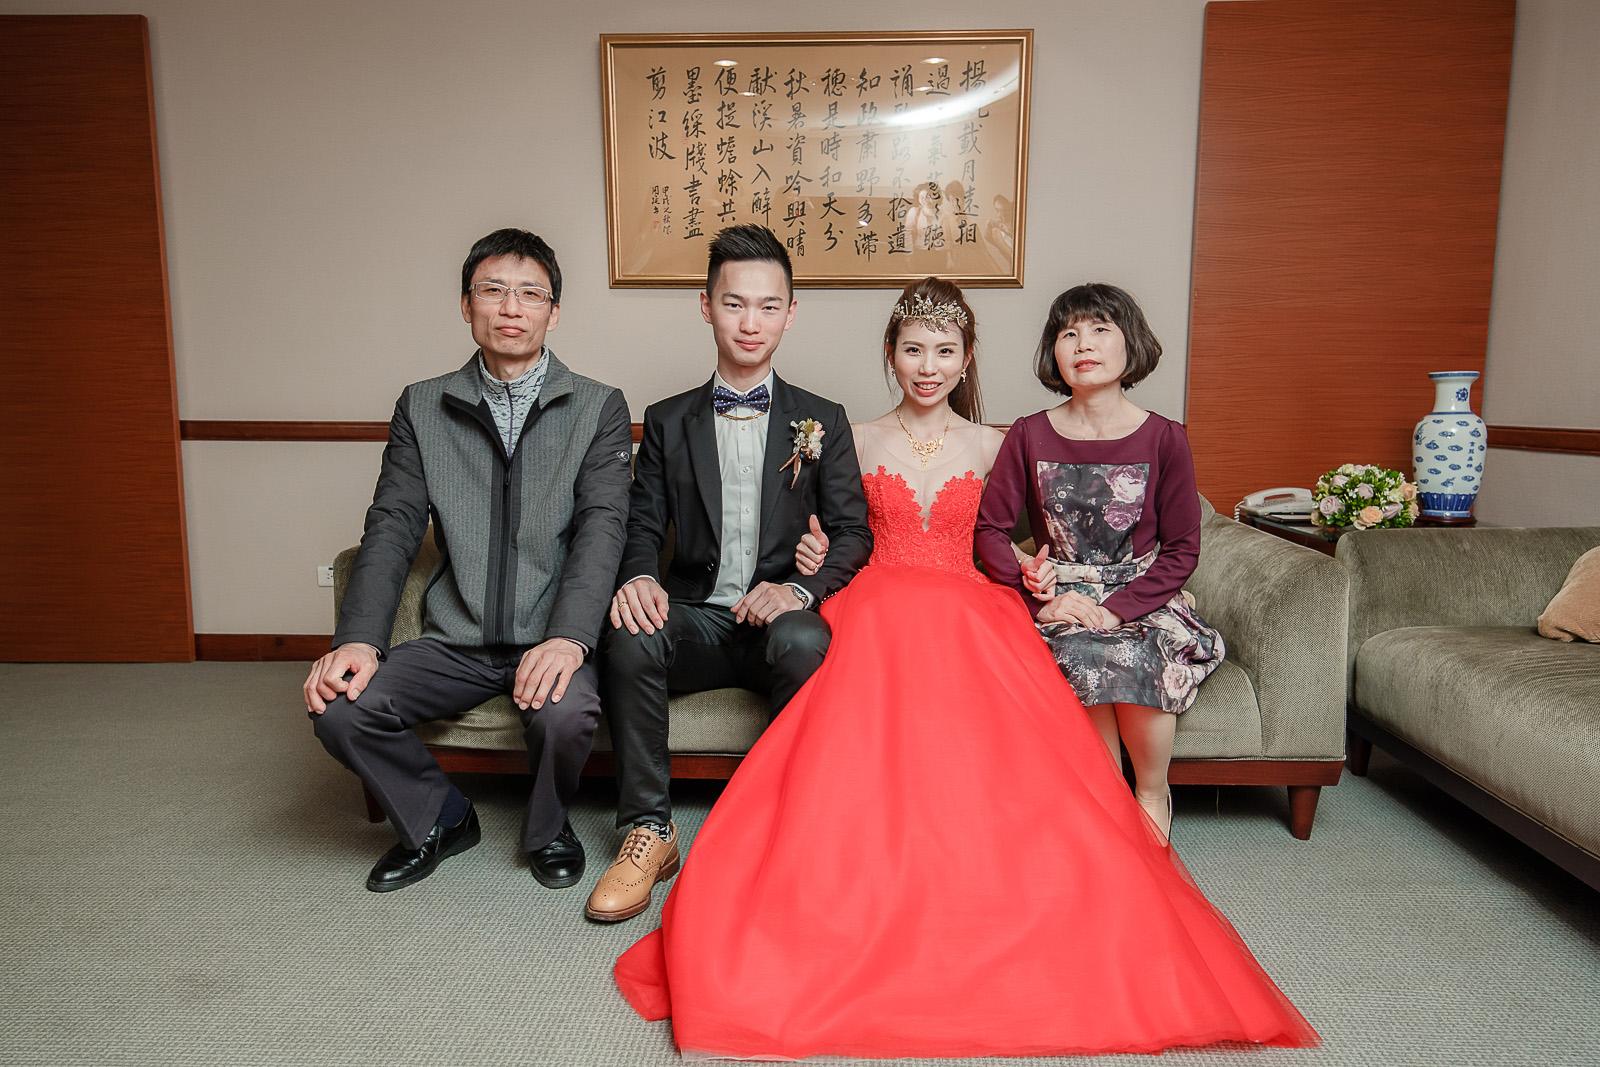 高雄圓山飯店,婚禮攝影,婚攝,高雄婚攝,優質婚攝推薦,Jen&Ethan-050